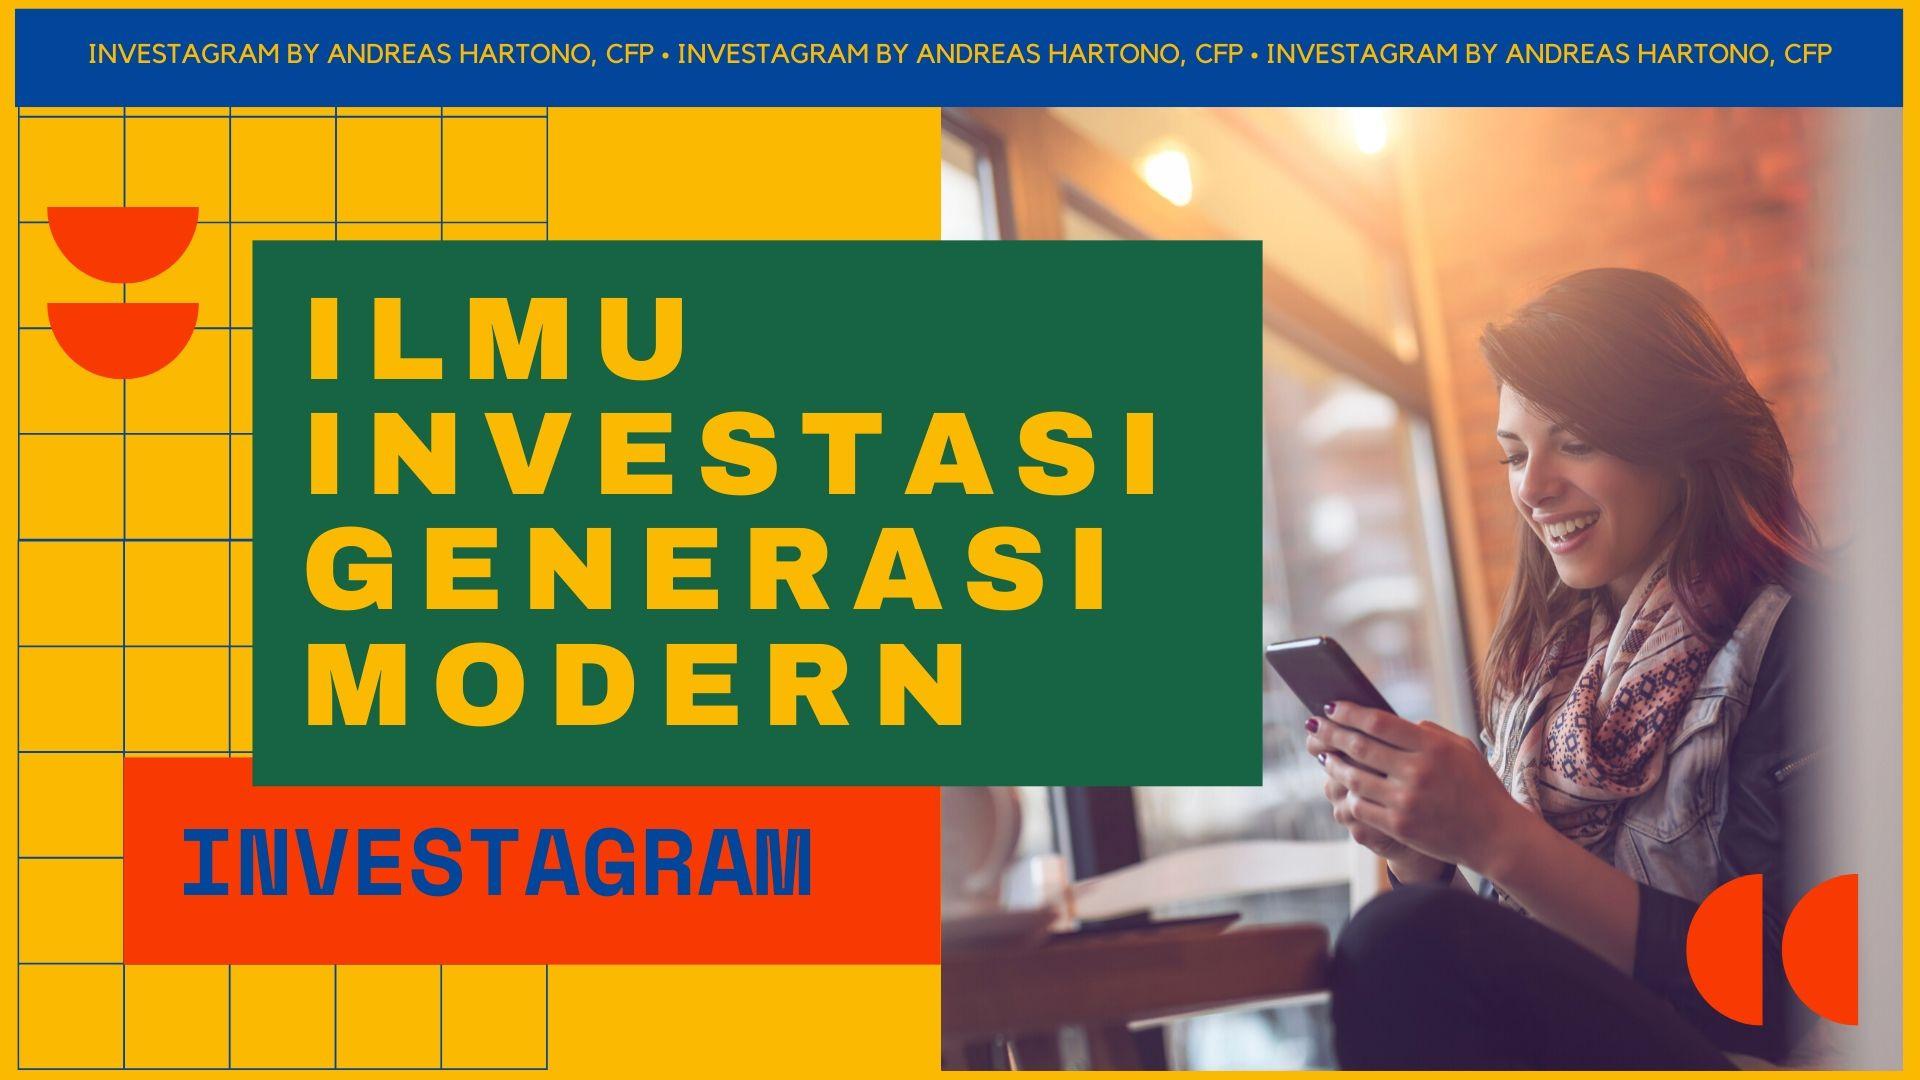 Ilmu Investasi Generasi Modern